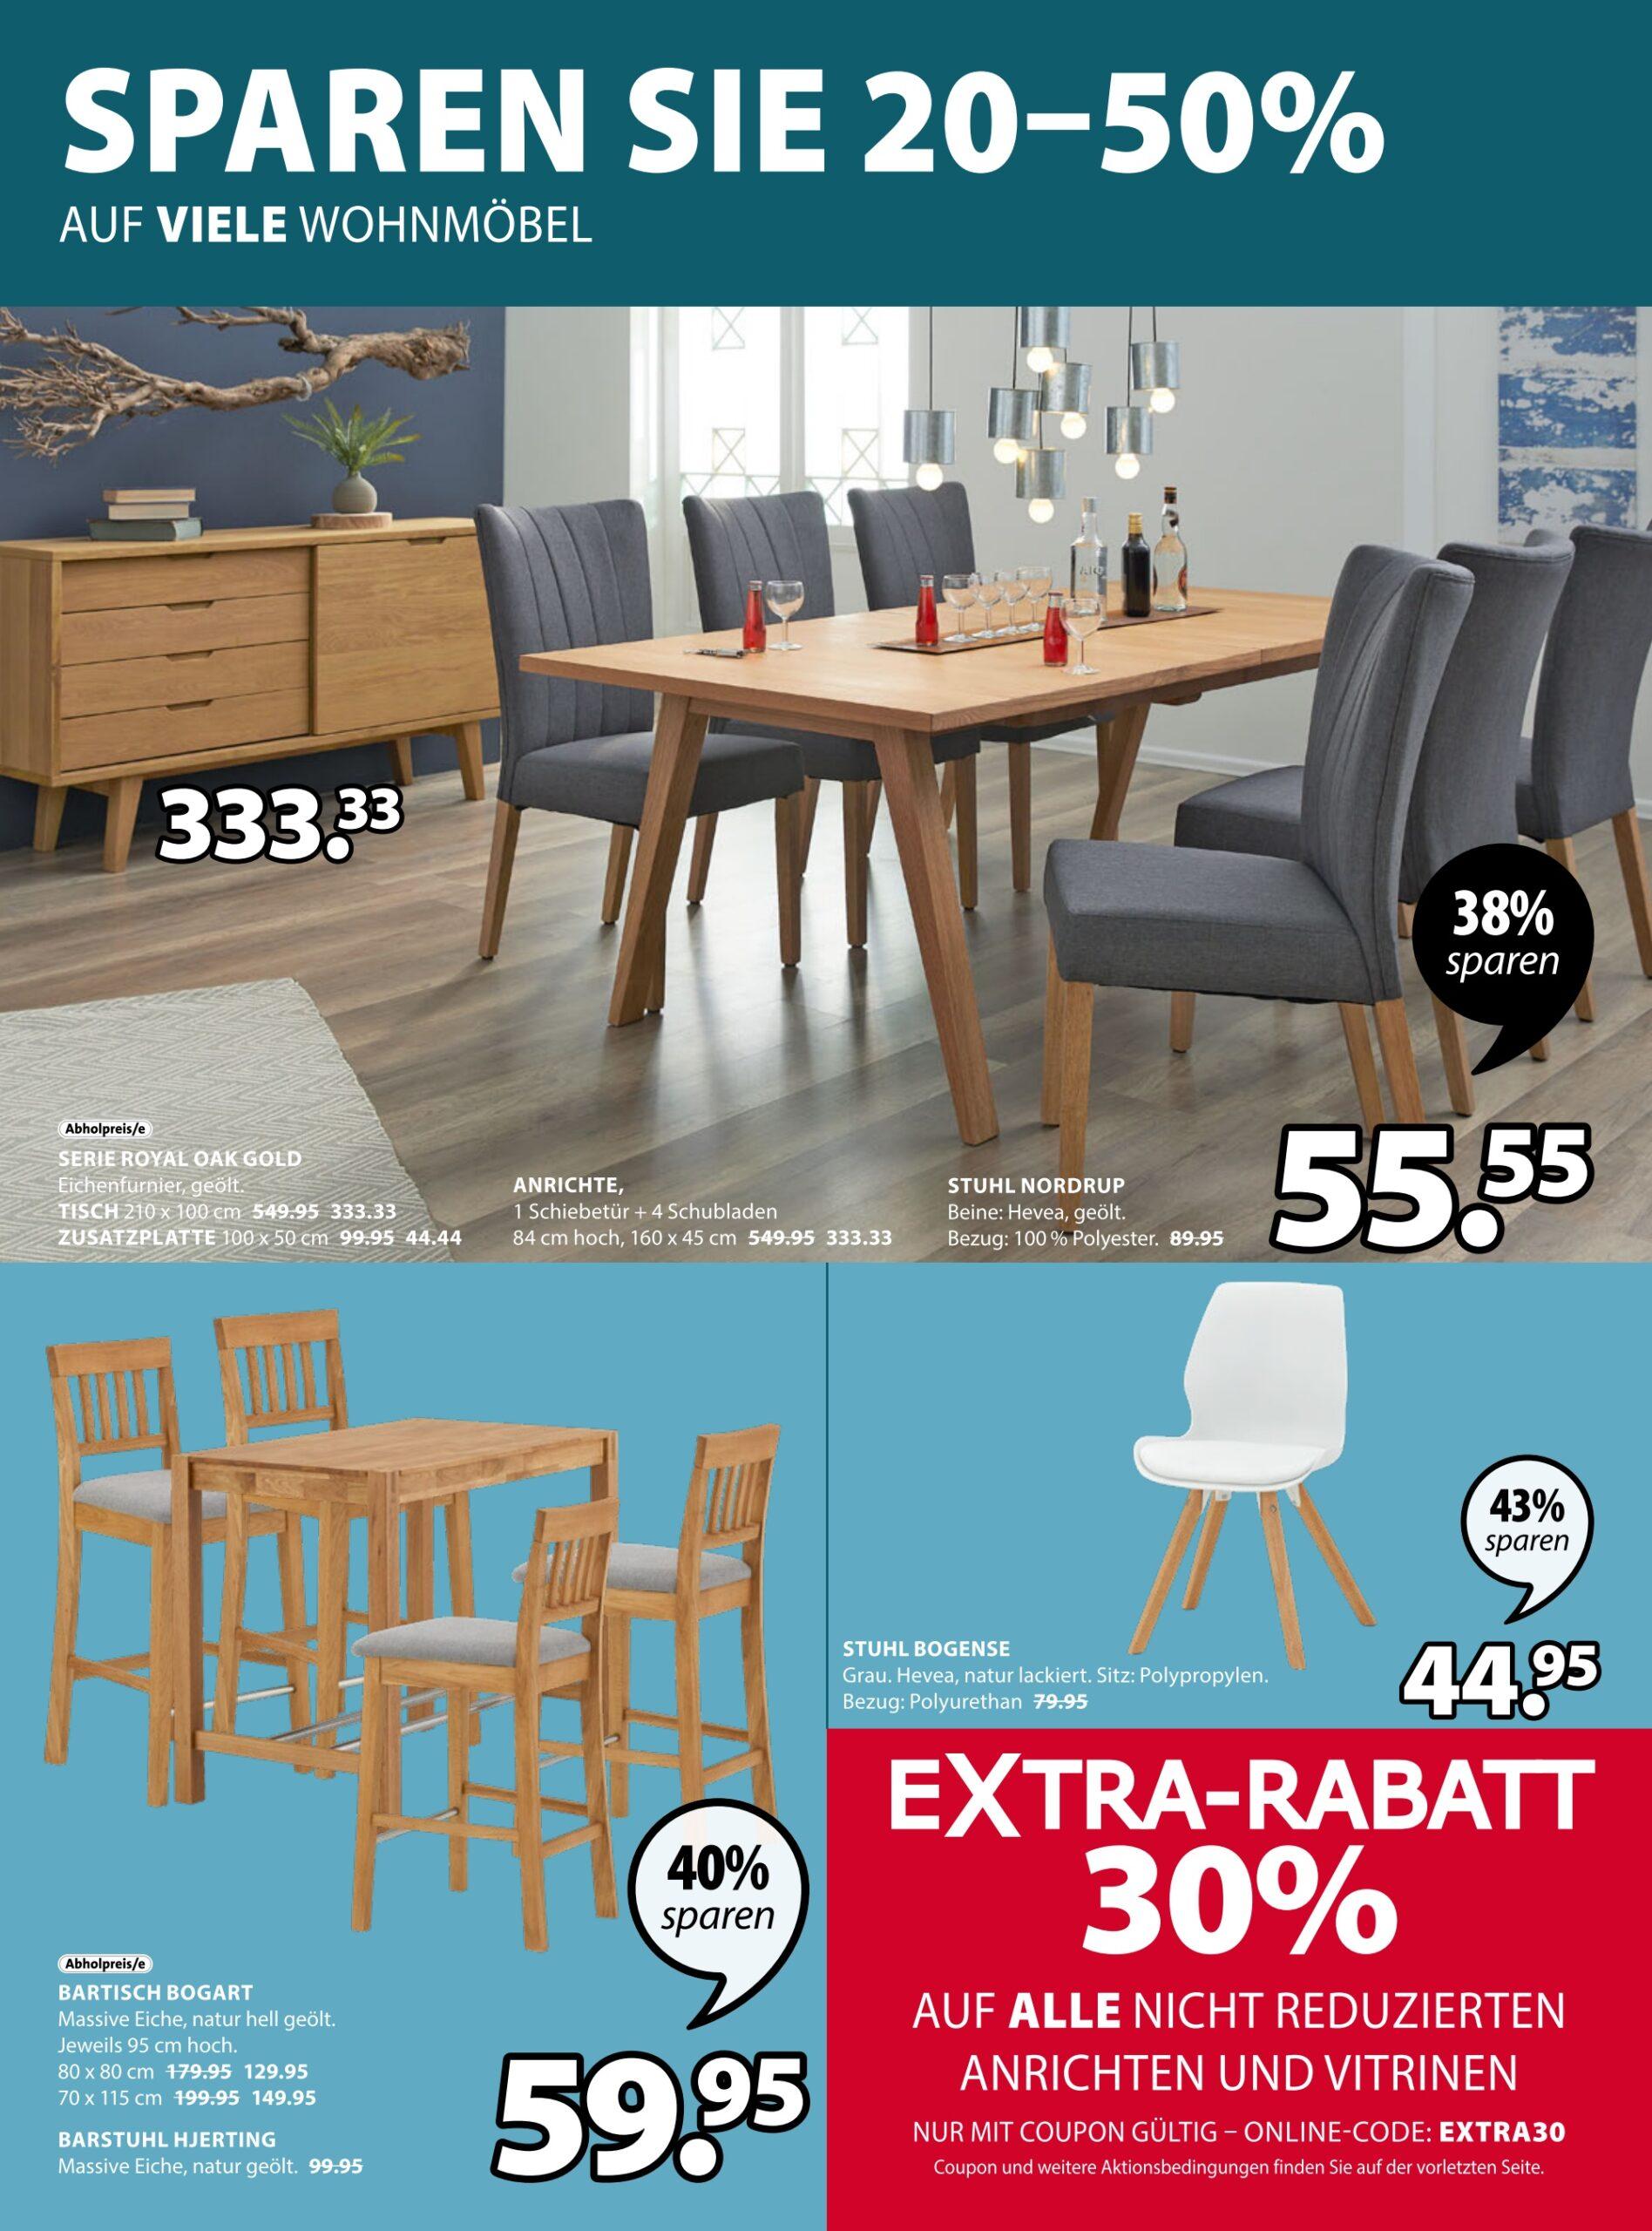 Full Size of Dänisches Bettenlager Bartisch Bogart Im Angebot Bei Dnisches Kupinode Küche Badezimmer Wohnzimmer Dänisches Bettenlager Bartisch